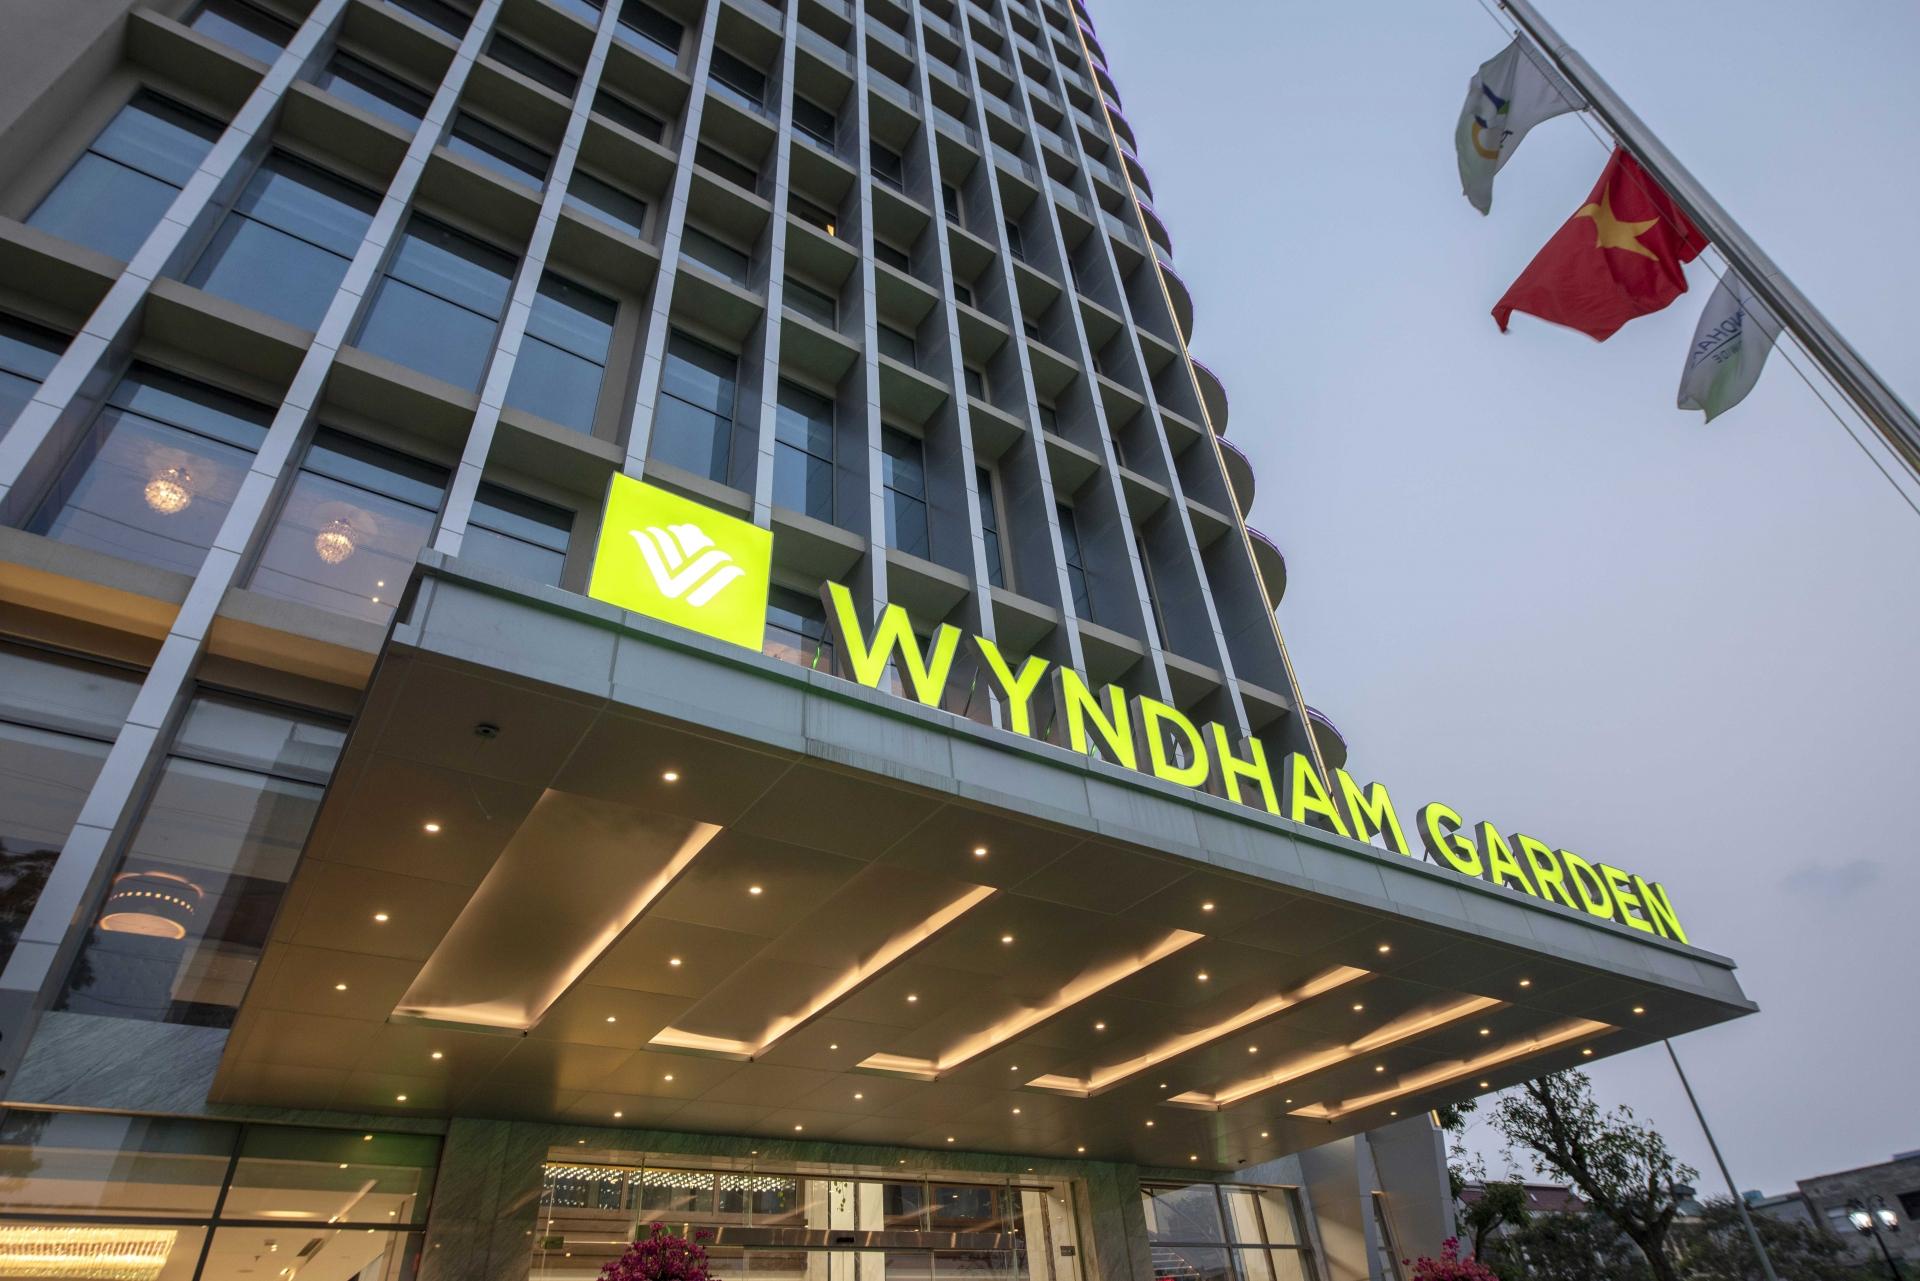 Wyndham Garden debuts in Vietnam's capital city